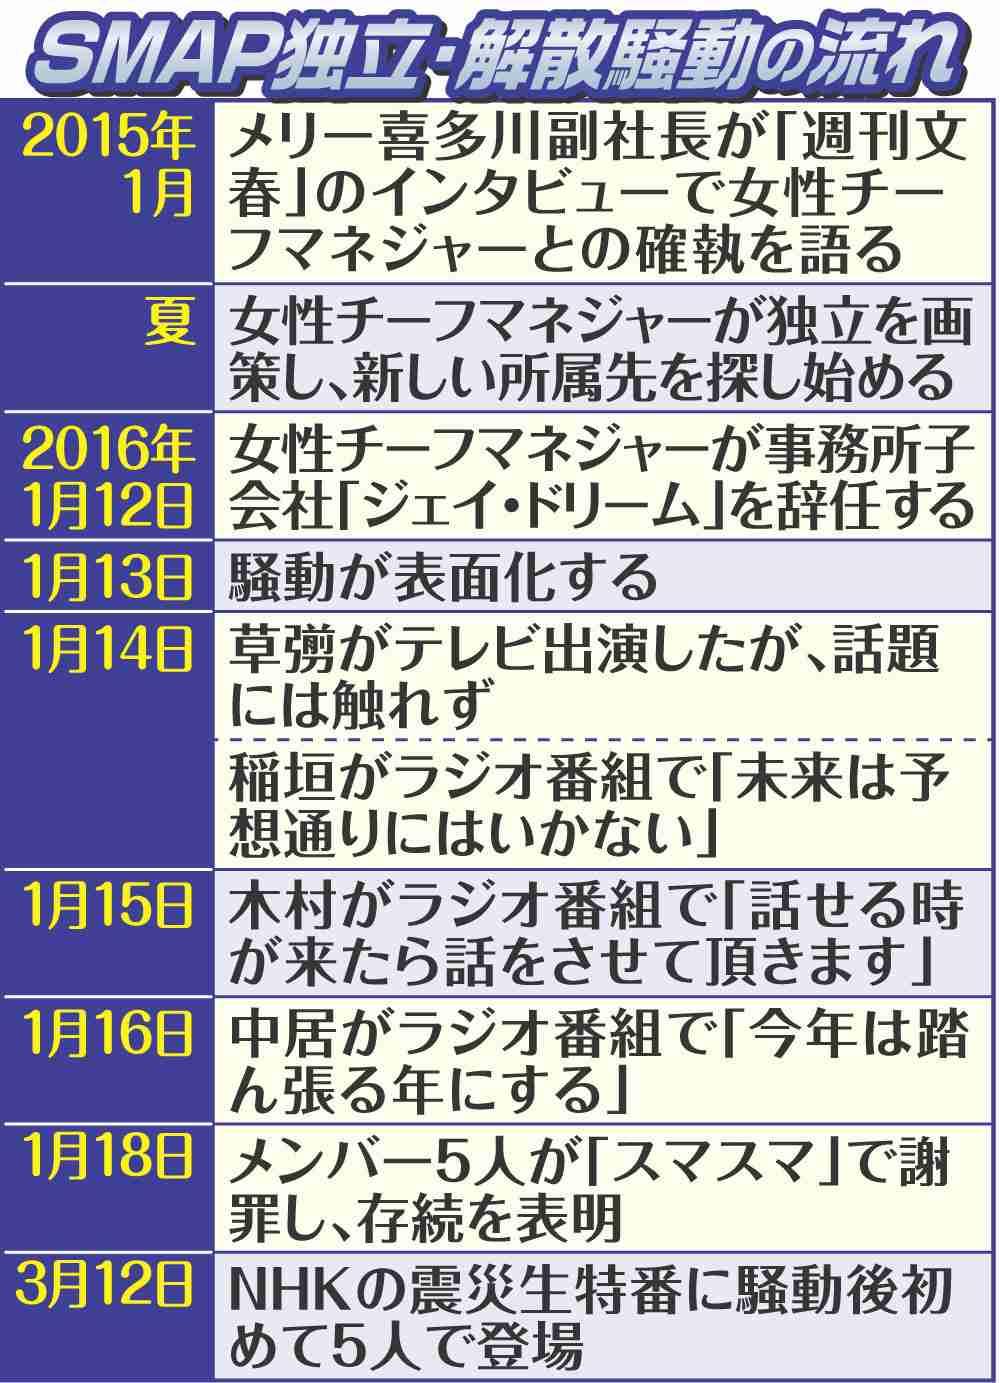 ジャニー喜多川社長初激白!SMAP解散は「絶対ない」 (スポーツ報知) - Yahoo!ニュース